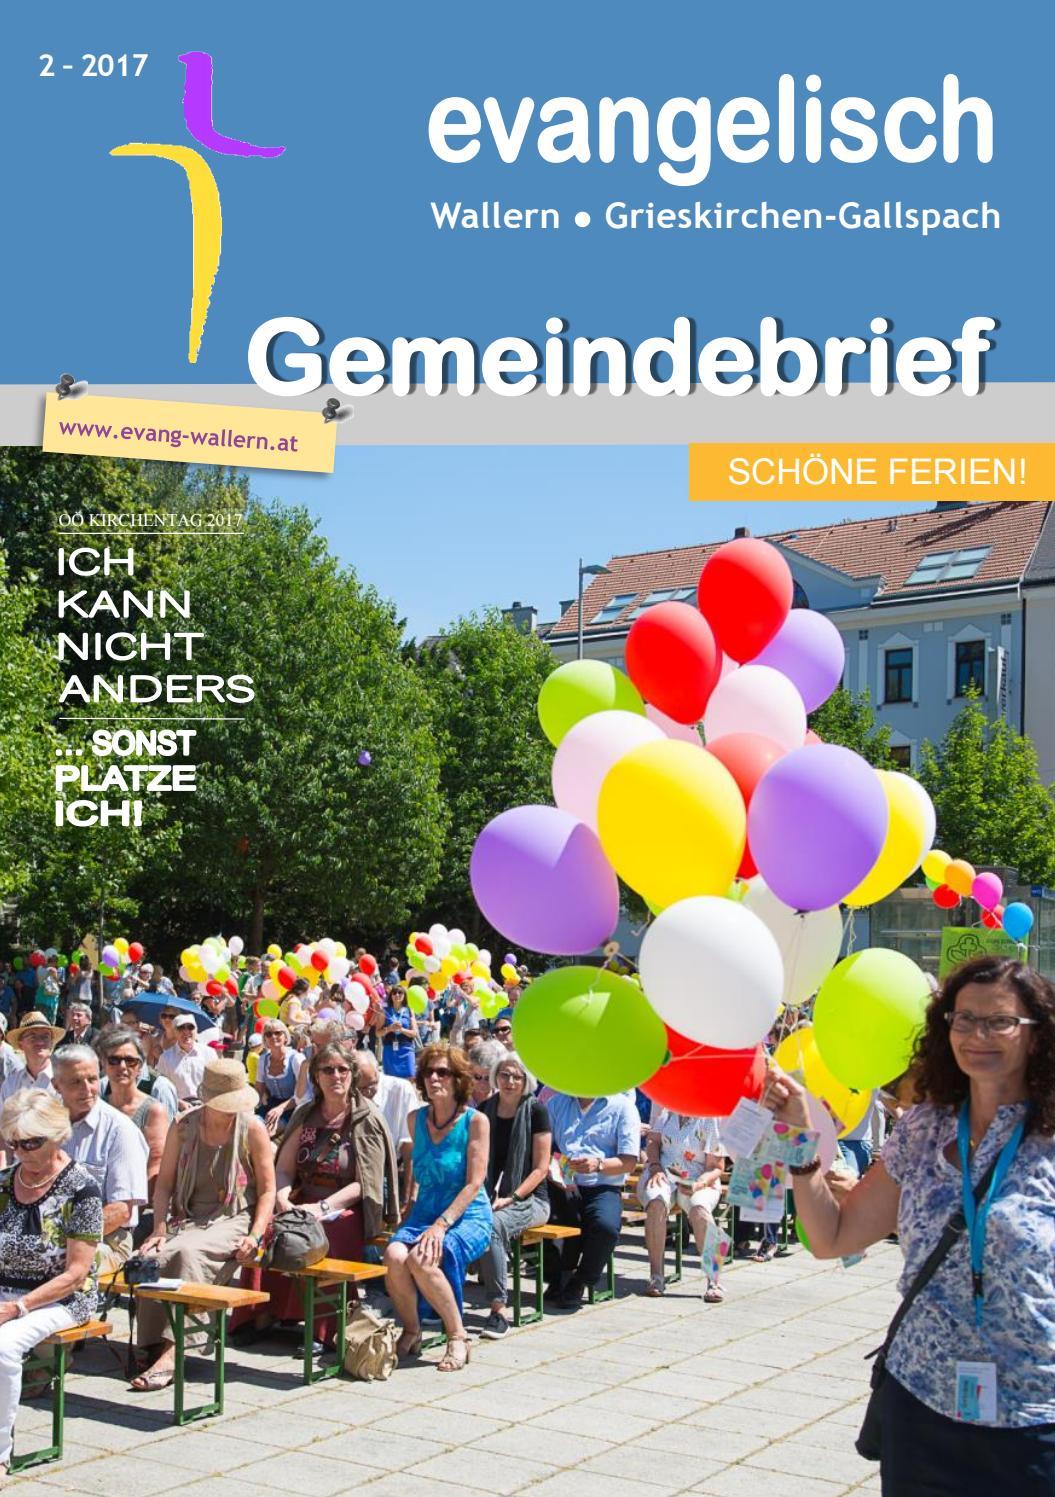 Persenbeug-gottsdorf nette leute kennenlernen: Buch-st